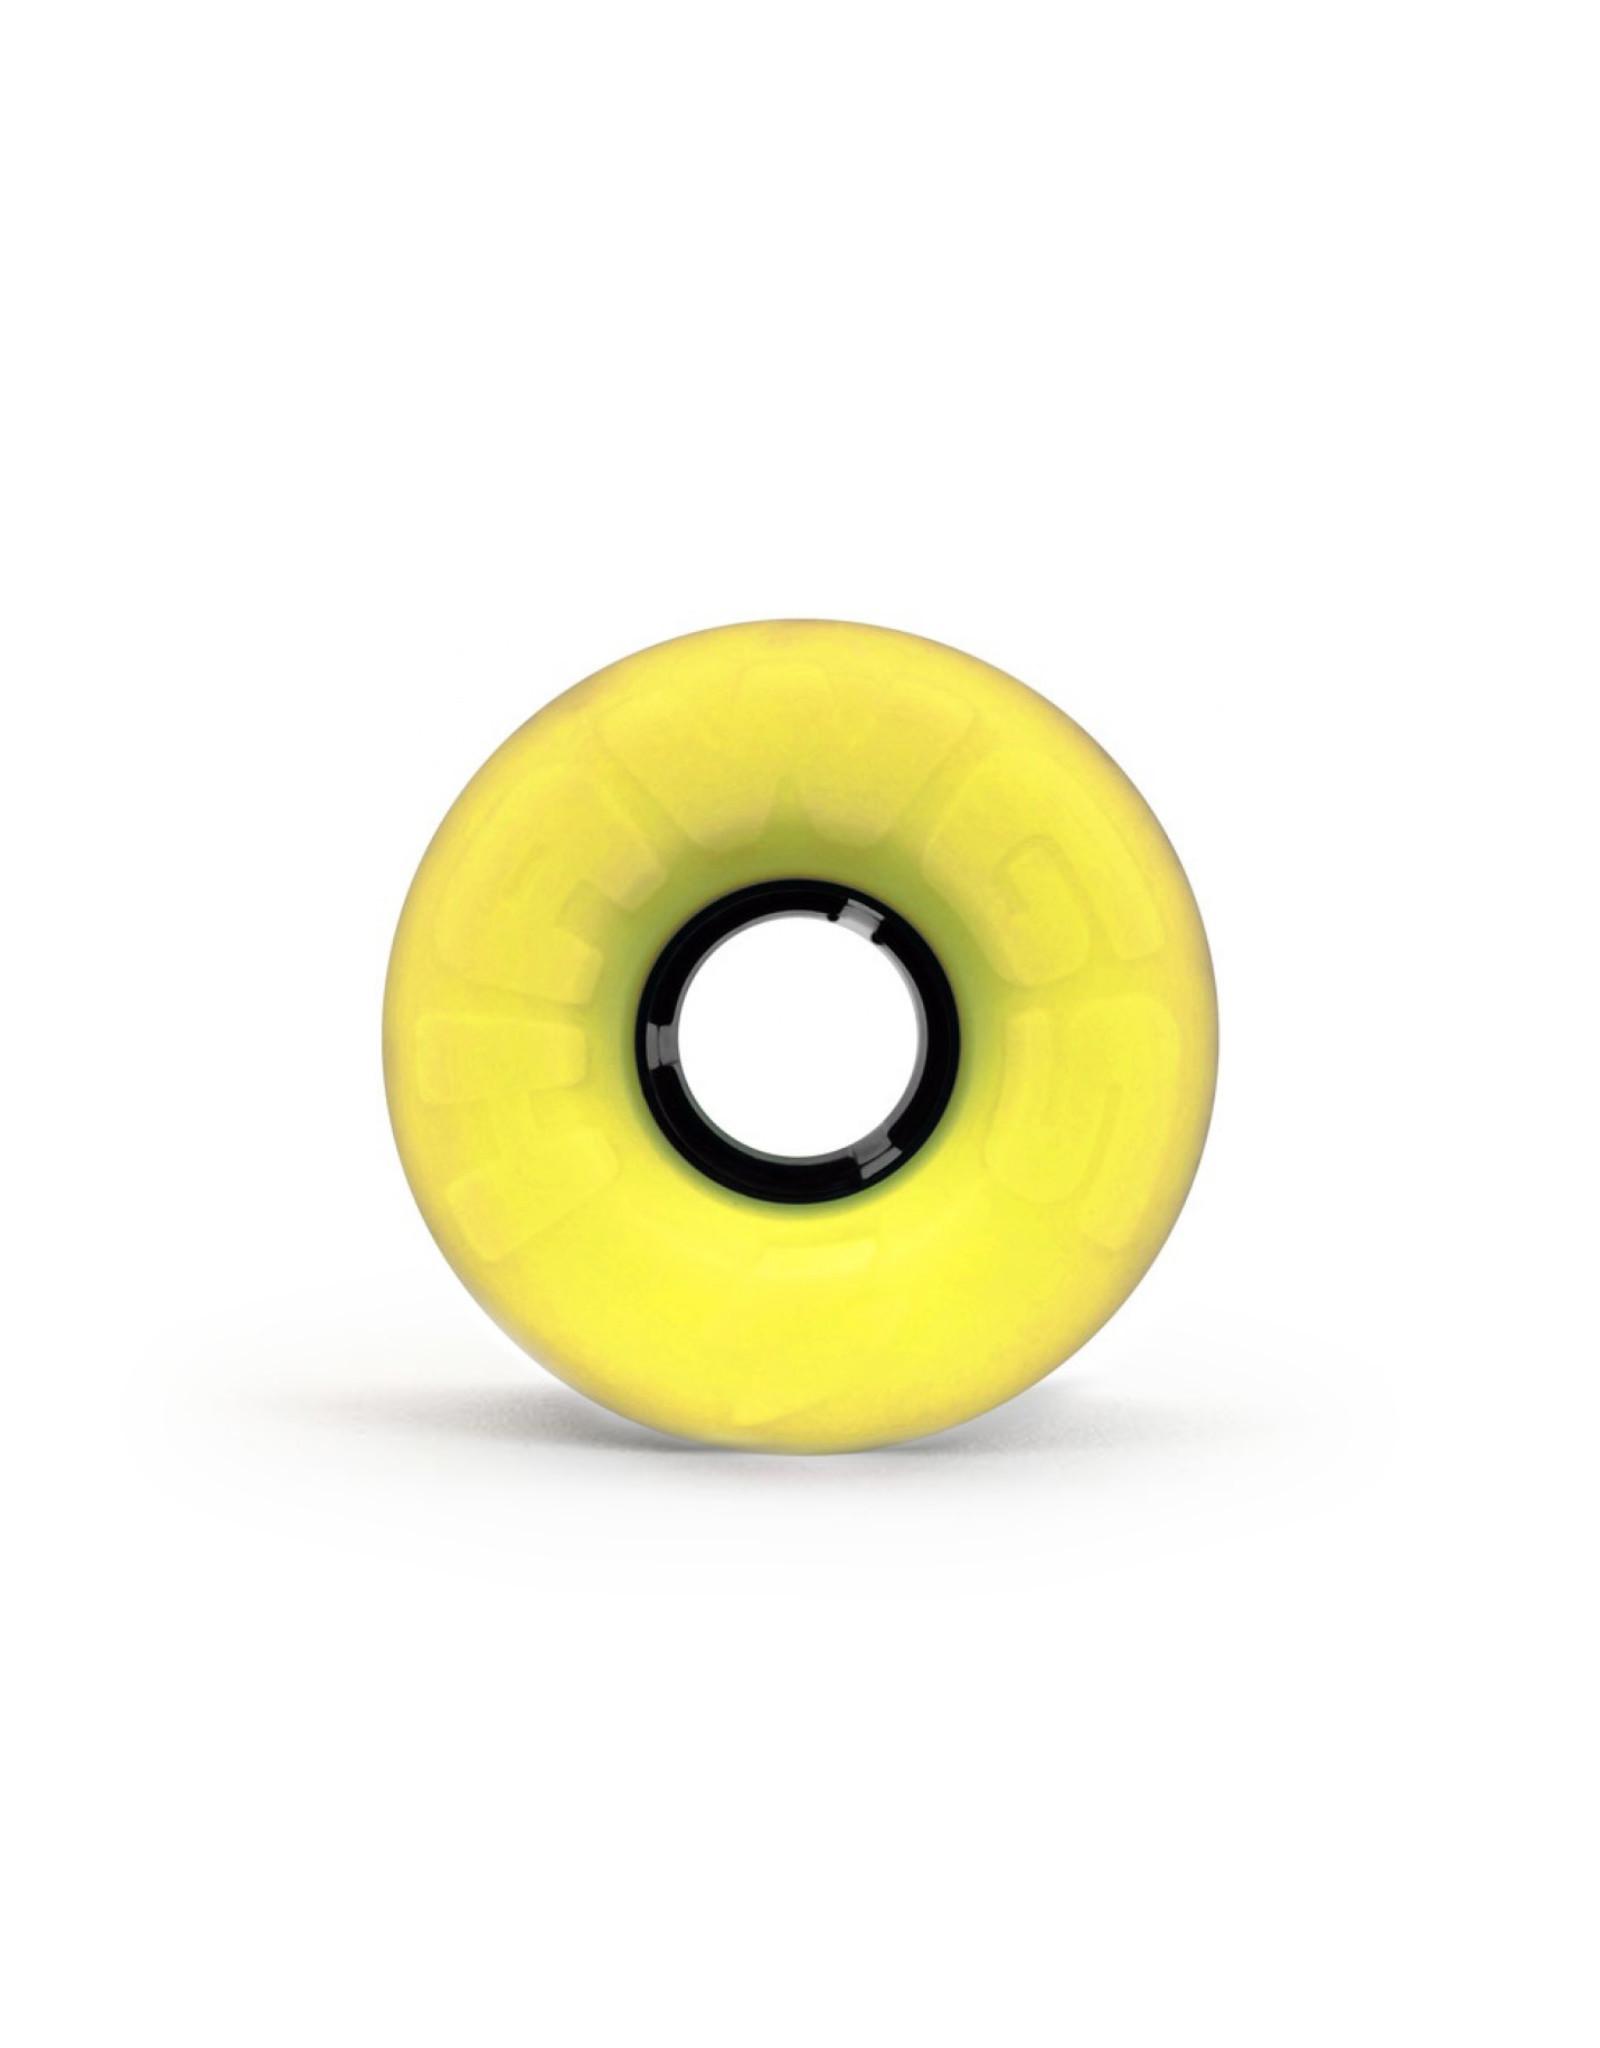 Hawgs Wheels Hawgs Lil' EZ Rollen 60 mm 78A Flat Banana 4er-Set